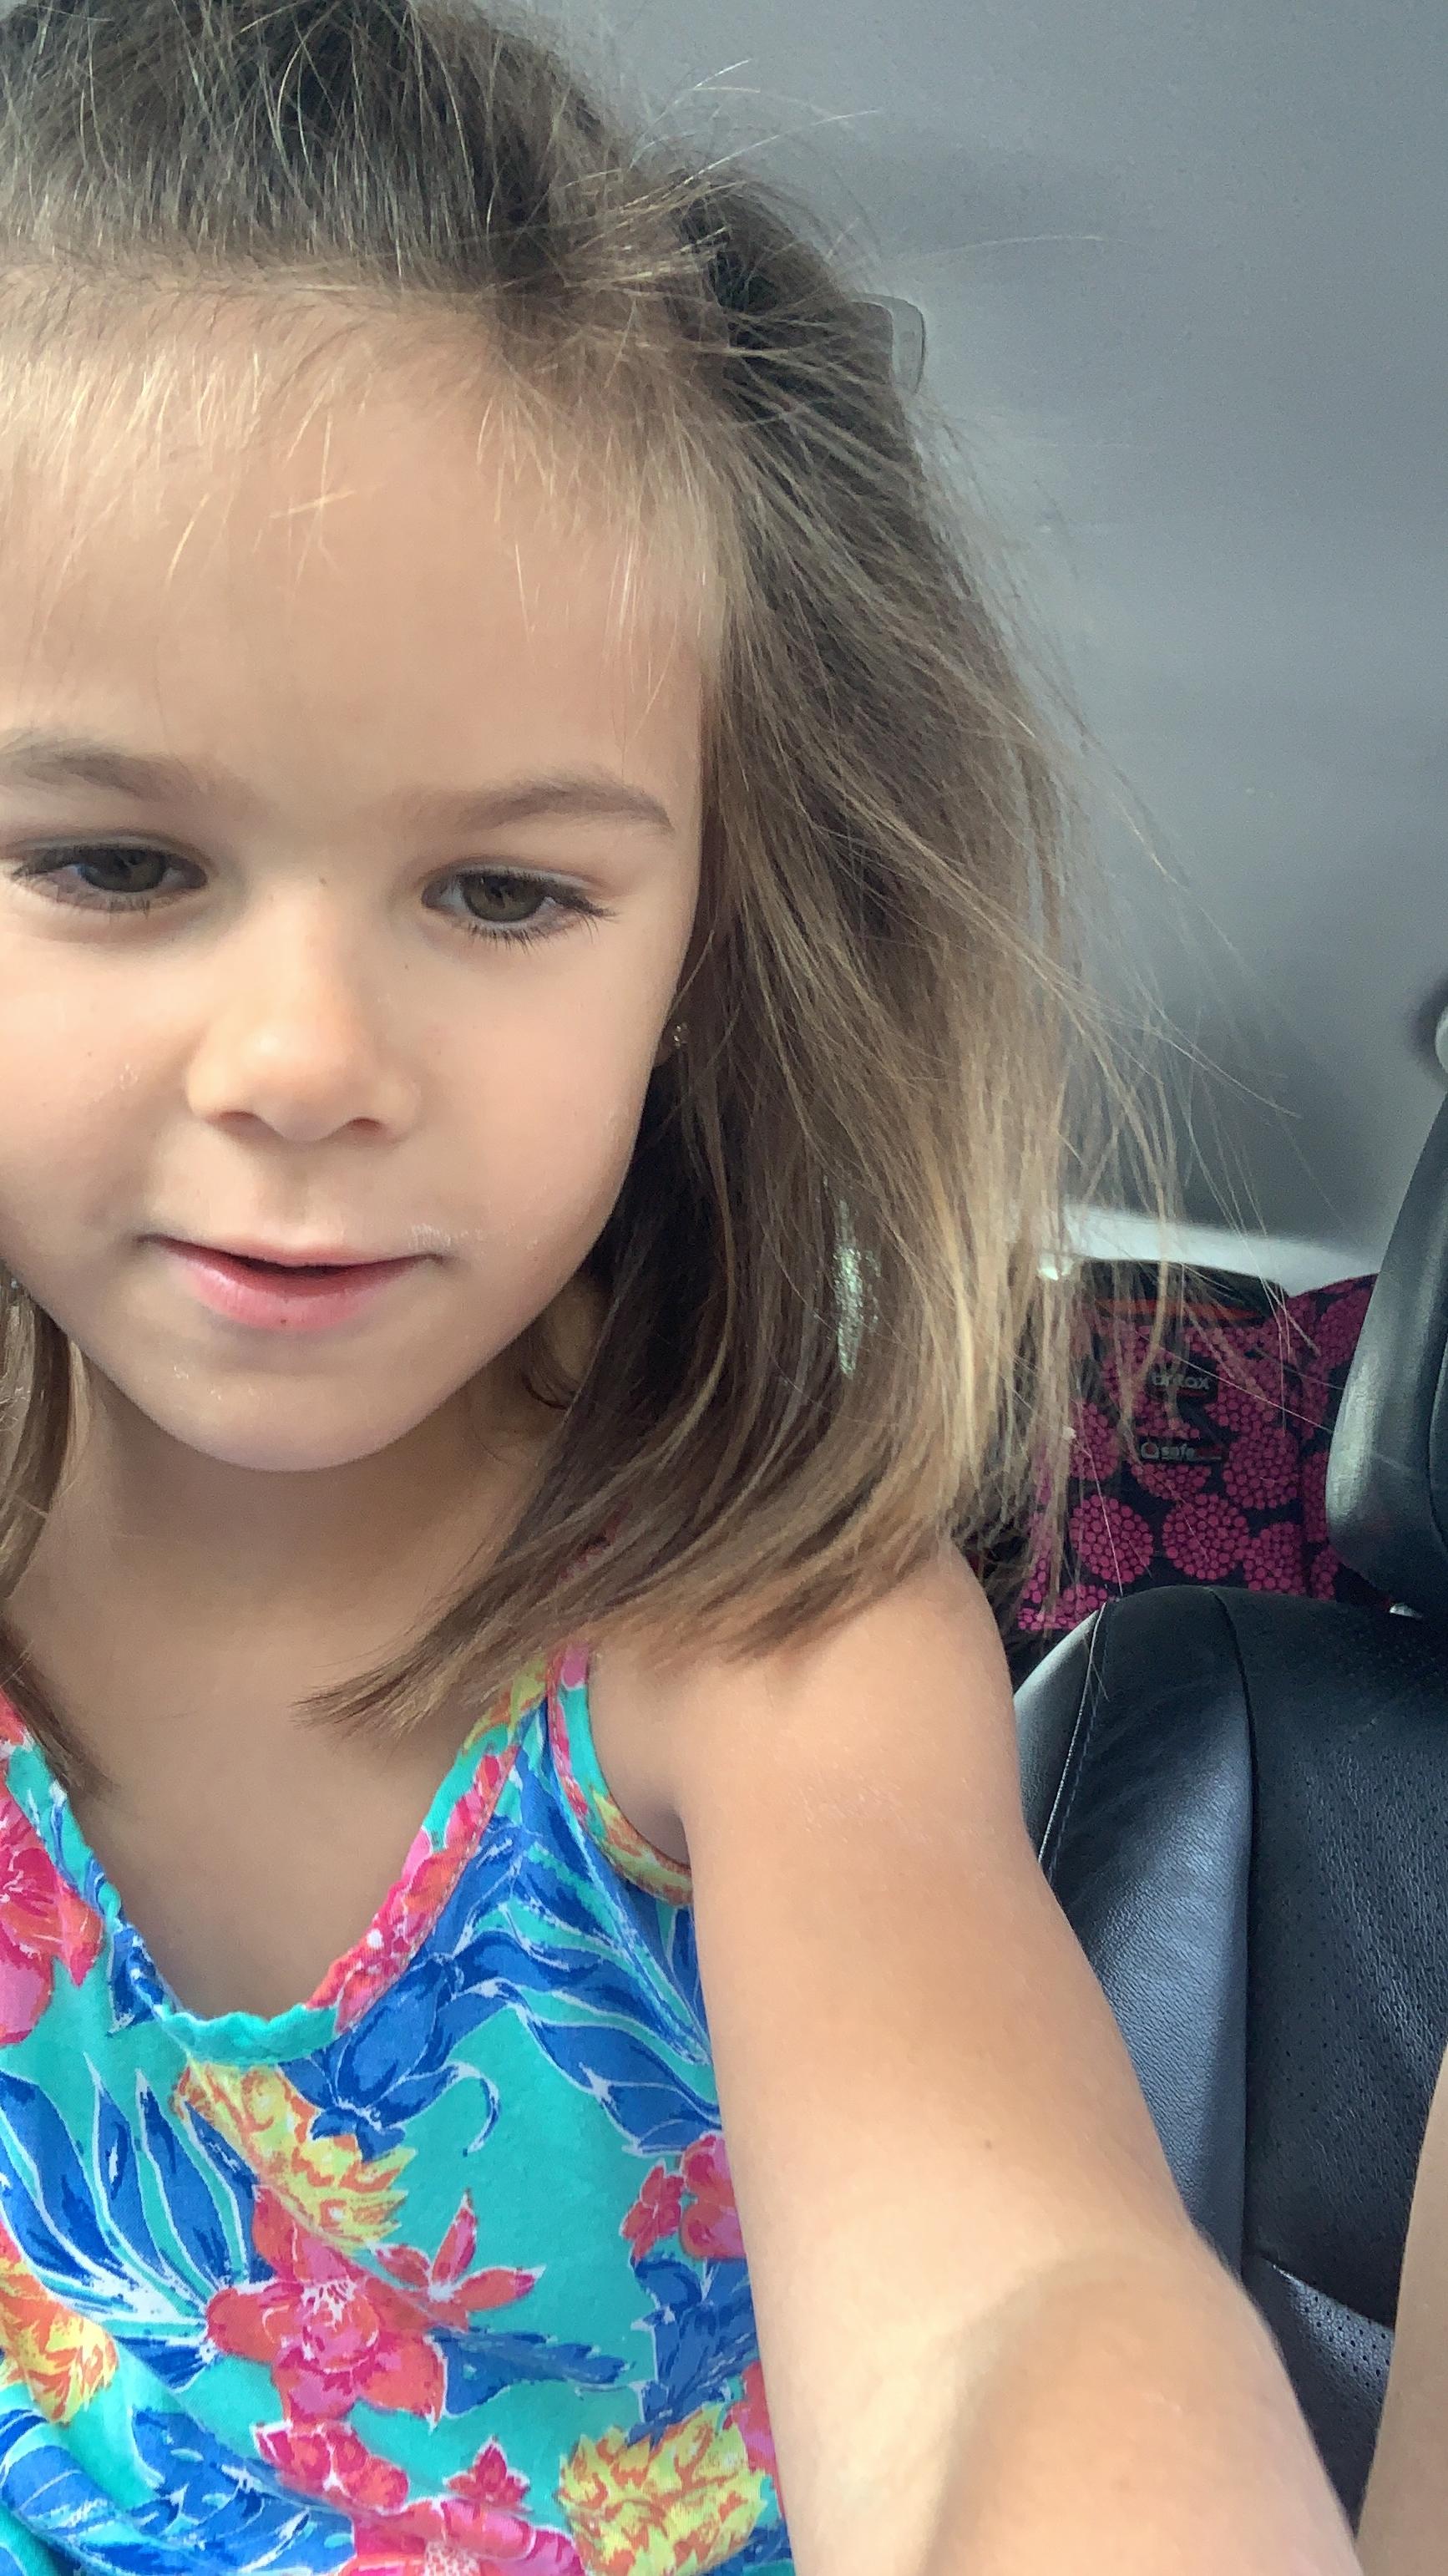 Lilli selfie